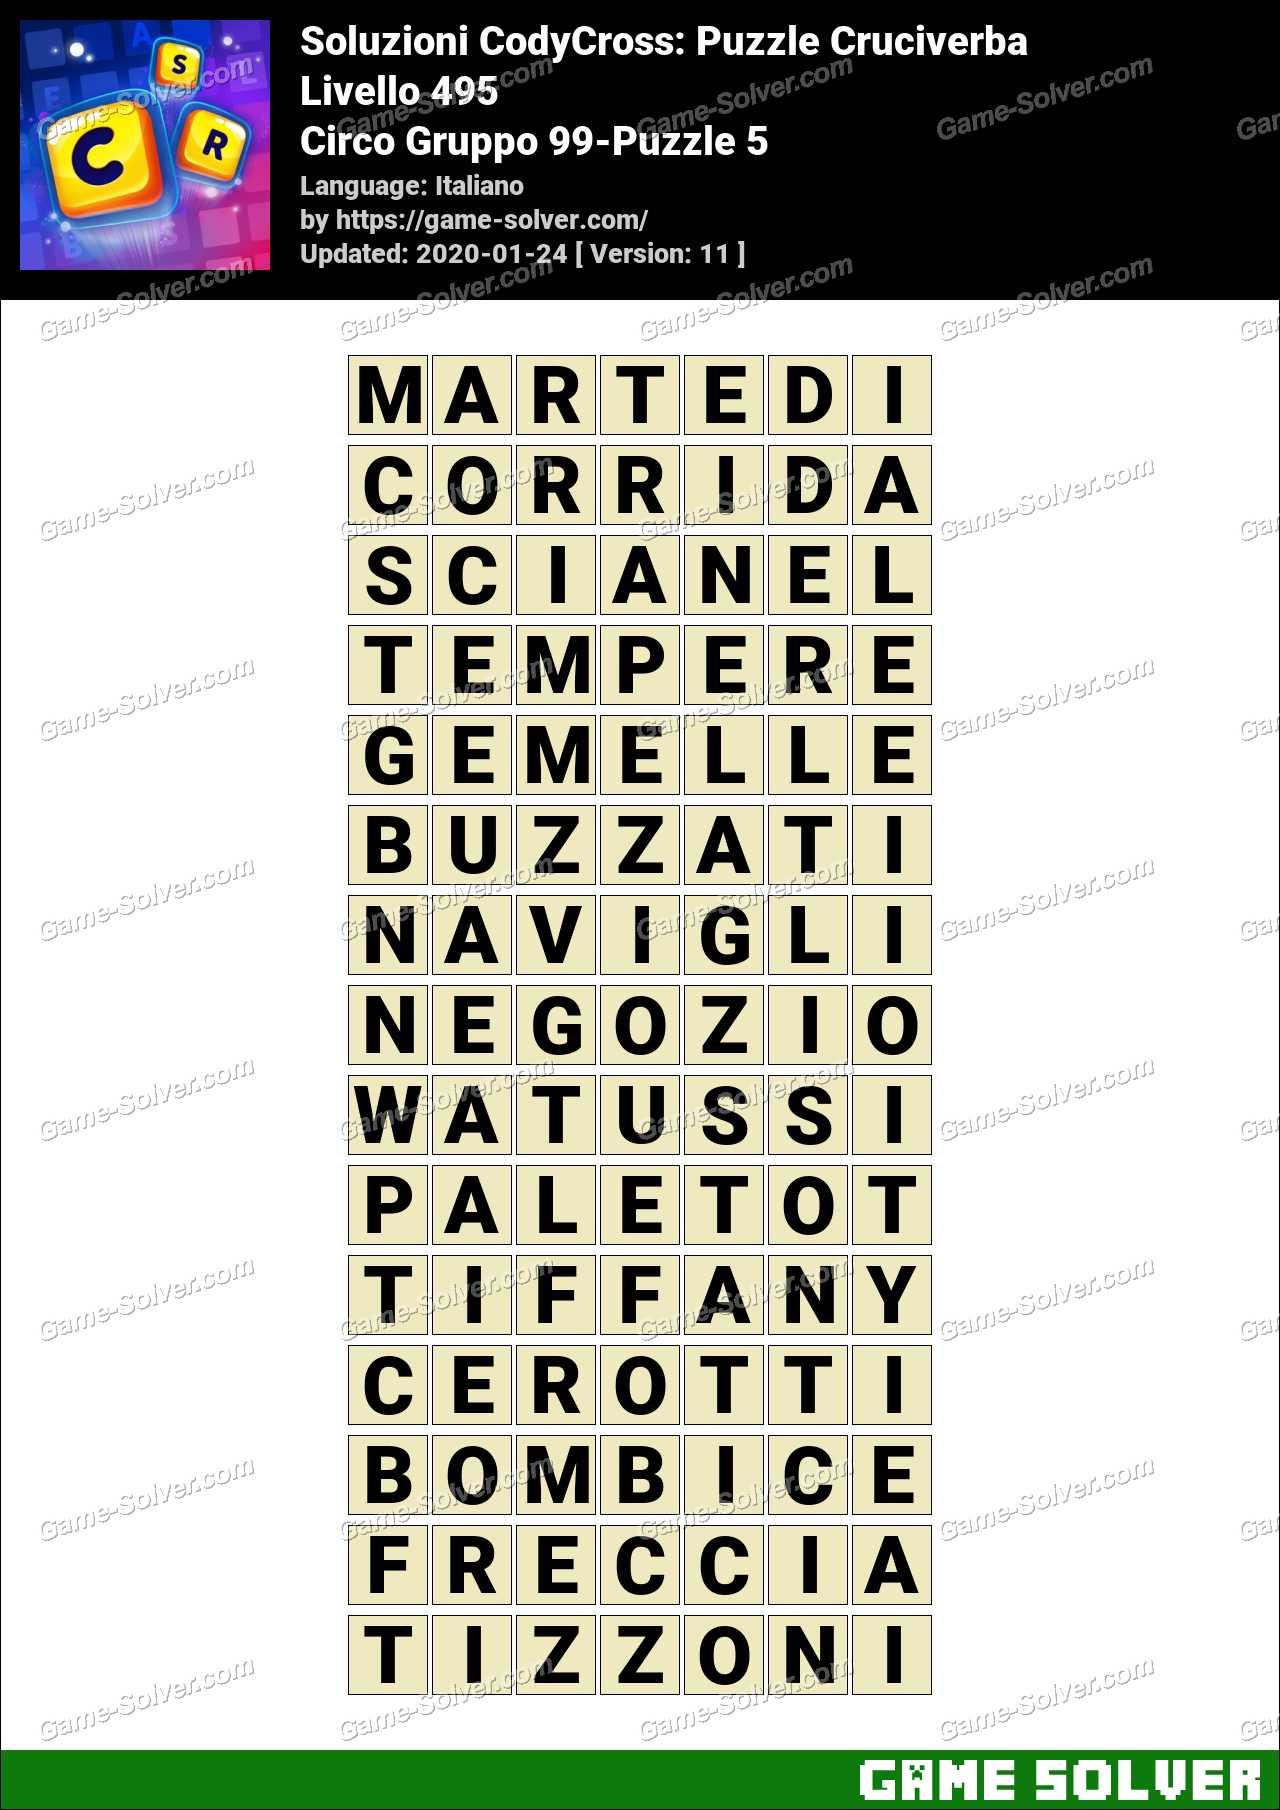 Soluzioni CodyCross Circo Gruppo 99-Puzzle 5